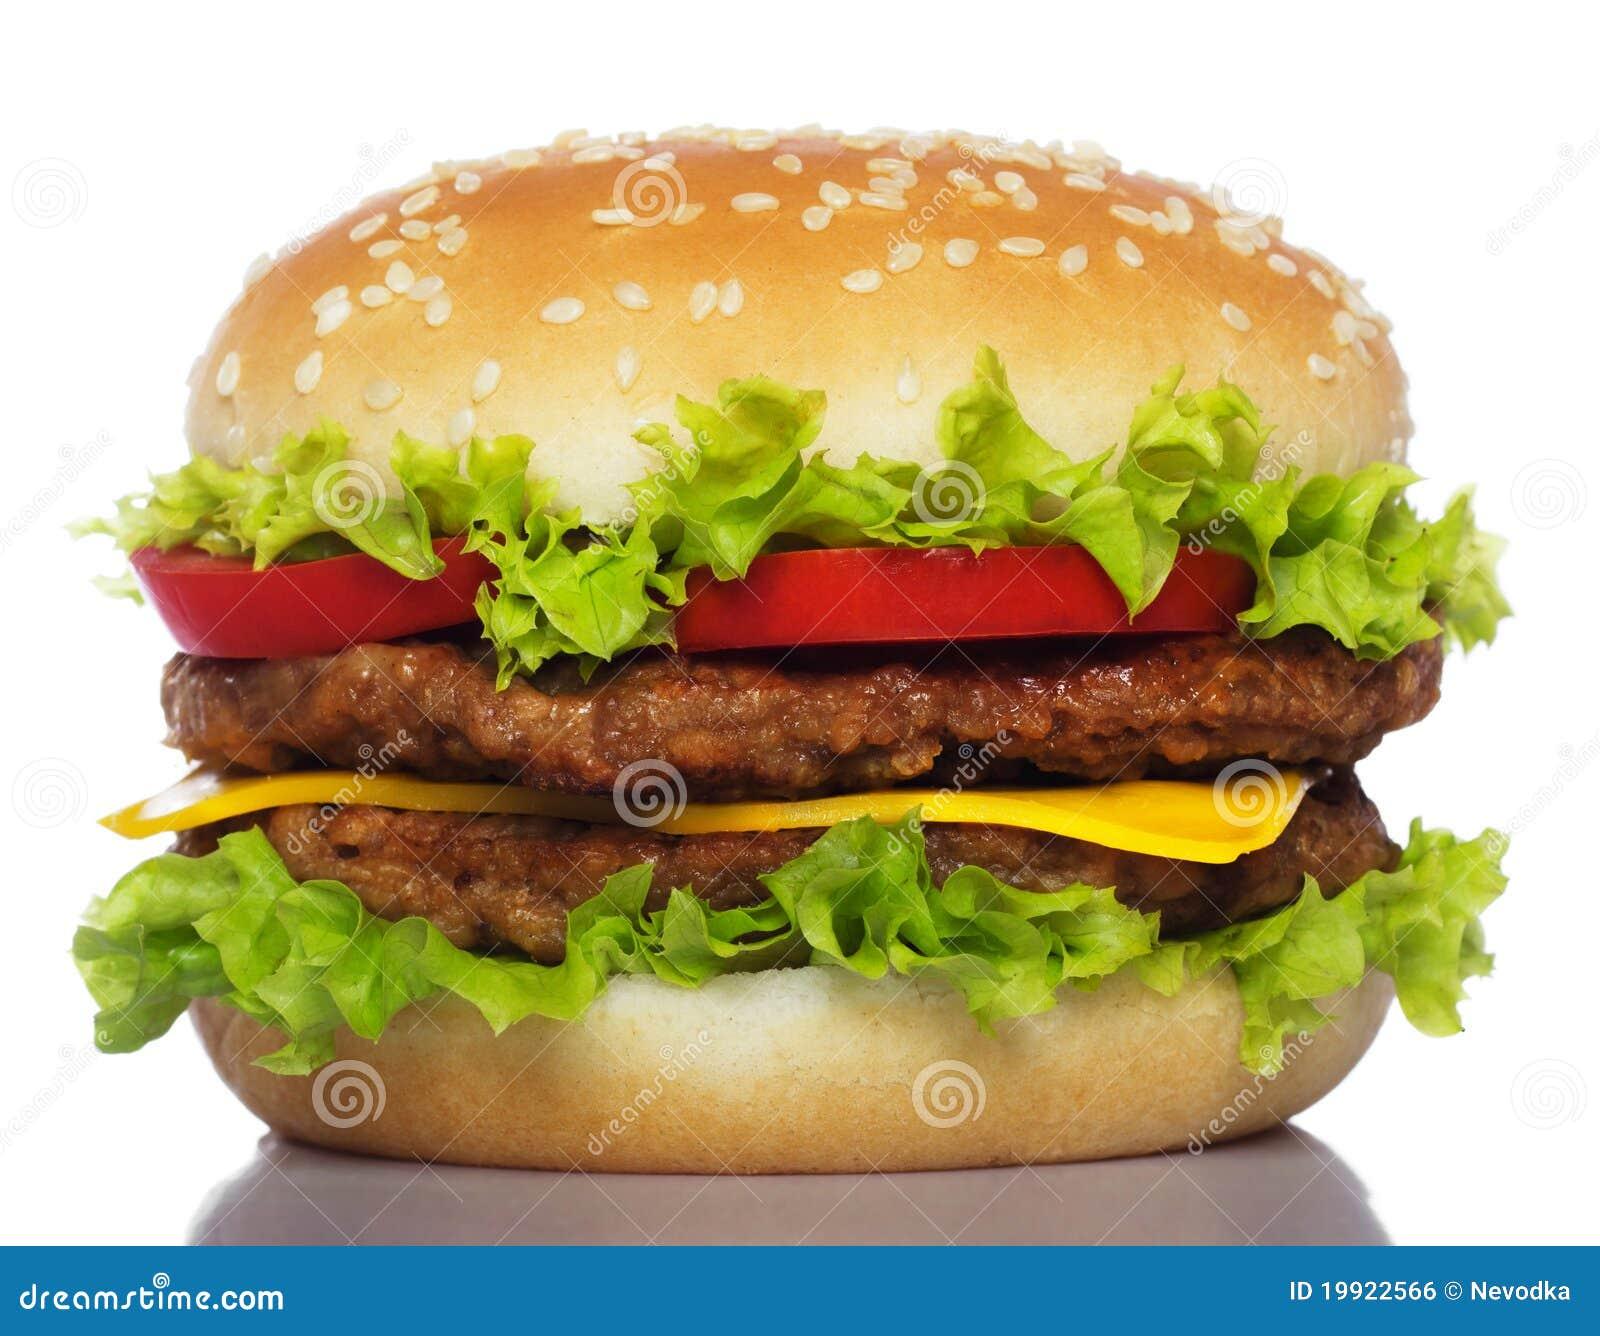 Tasty Diet Meat Food Meal